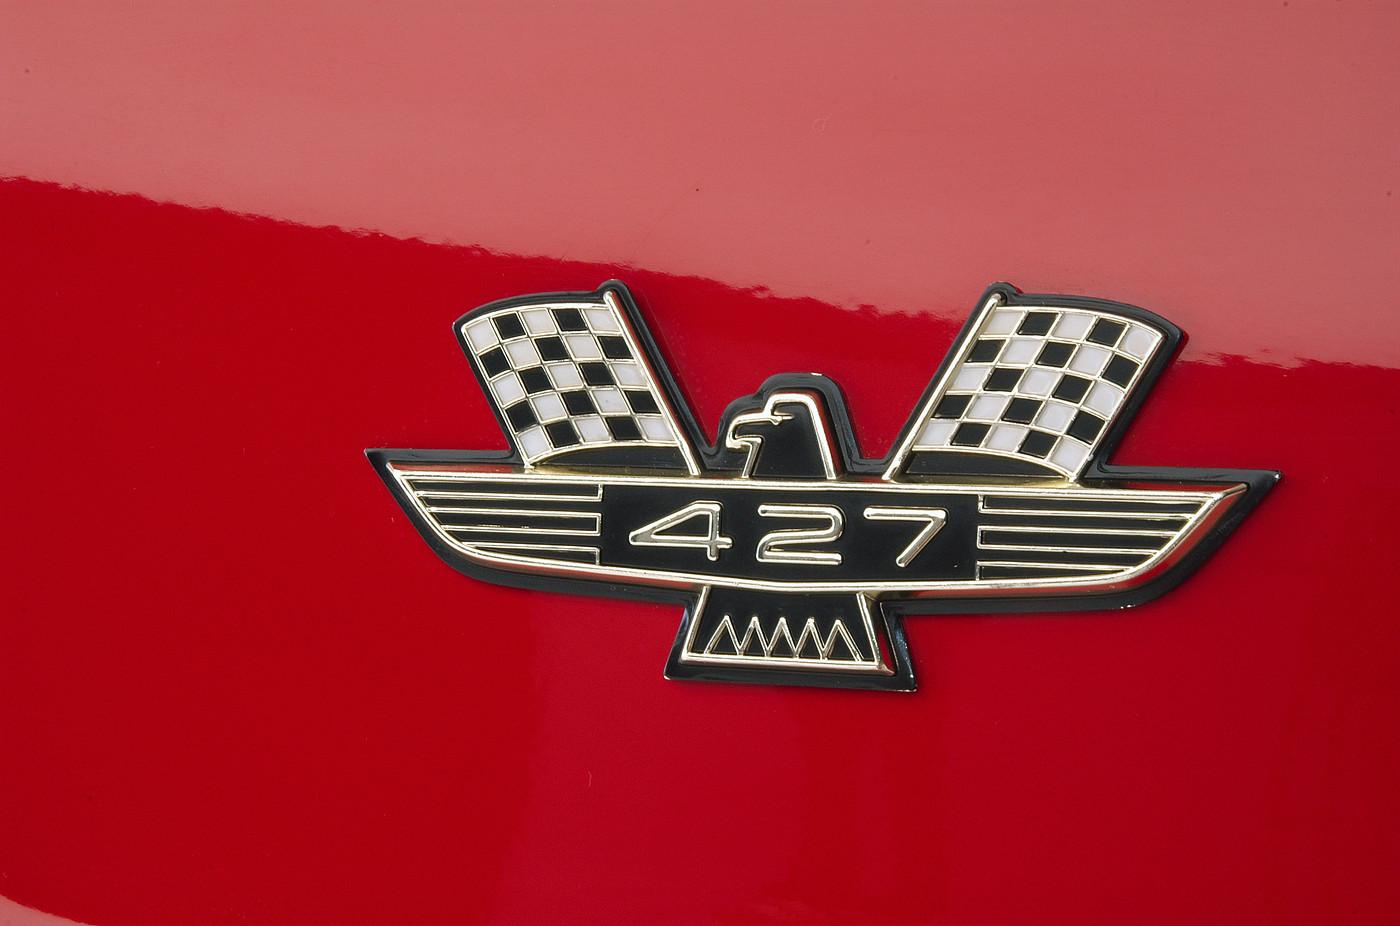 1963 Ford Galaxie 500 XL 427 R-code 427 emblem detail